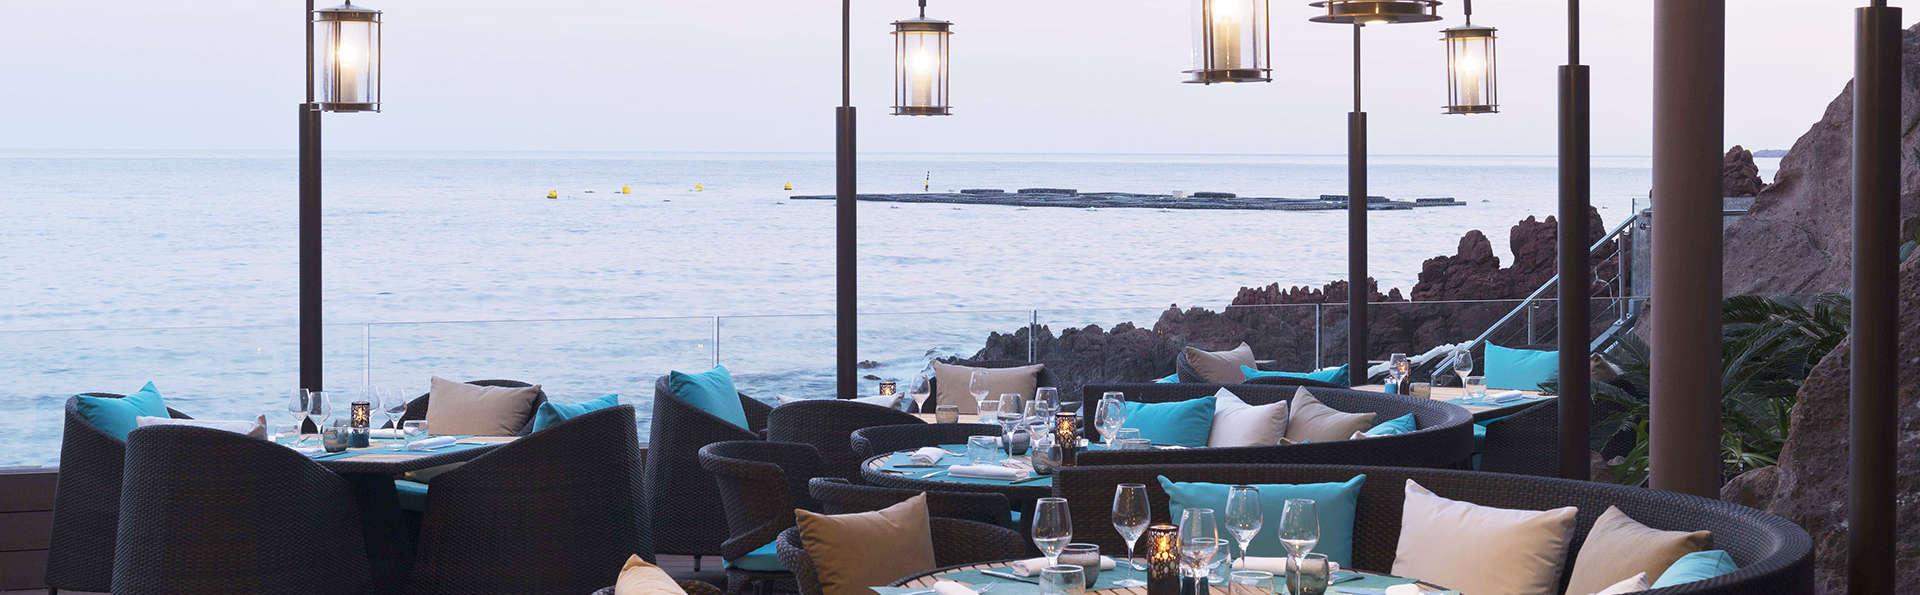 Détente et gastronomie dans un cadre exceptionnel sur la Côte d'Azur